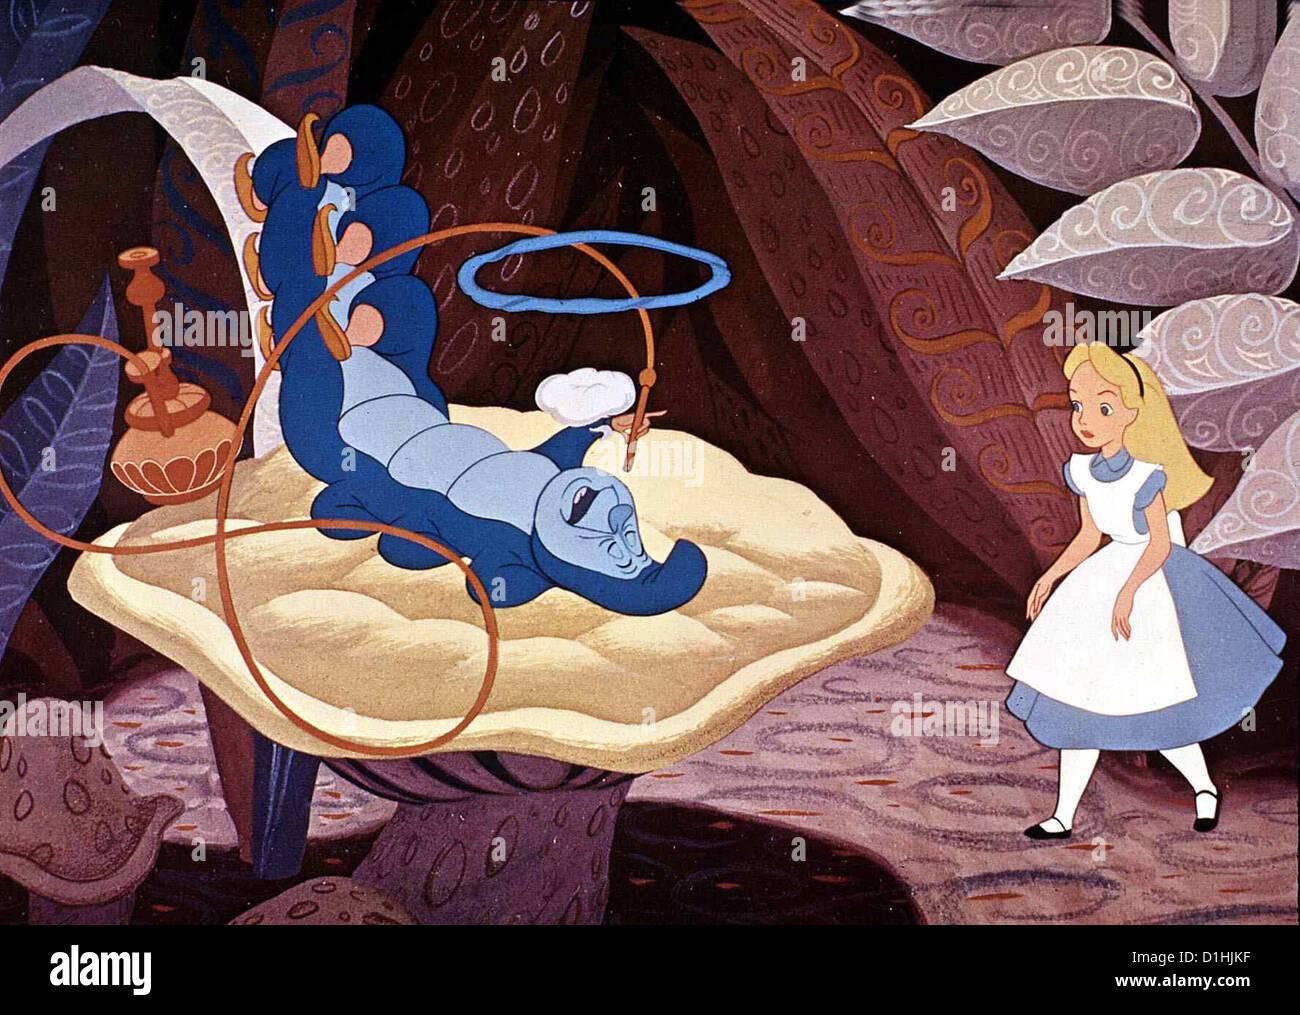 Alice Im Wunderland  Alice In Wonderland  Alice Die kleine Alice folgt einem Kaninchen ins Wunderland und erlebt - Stock Image